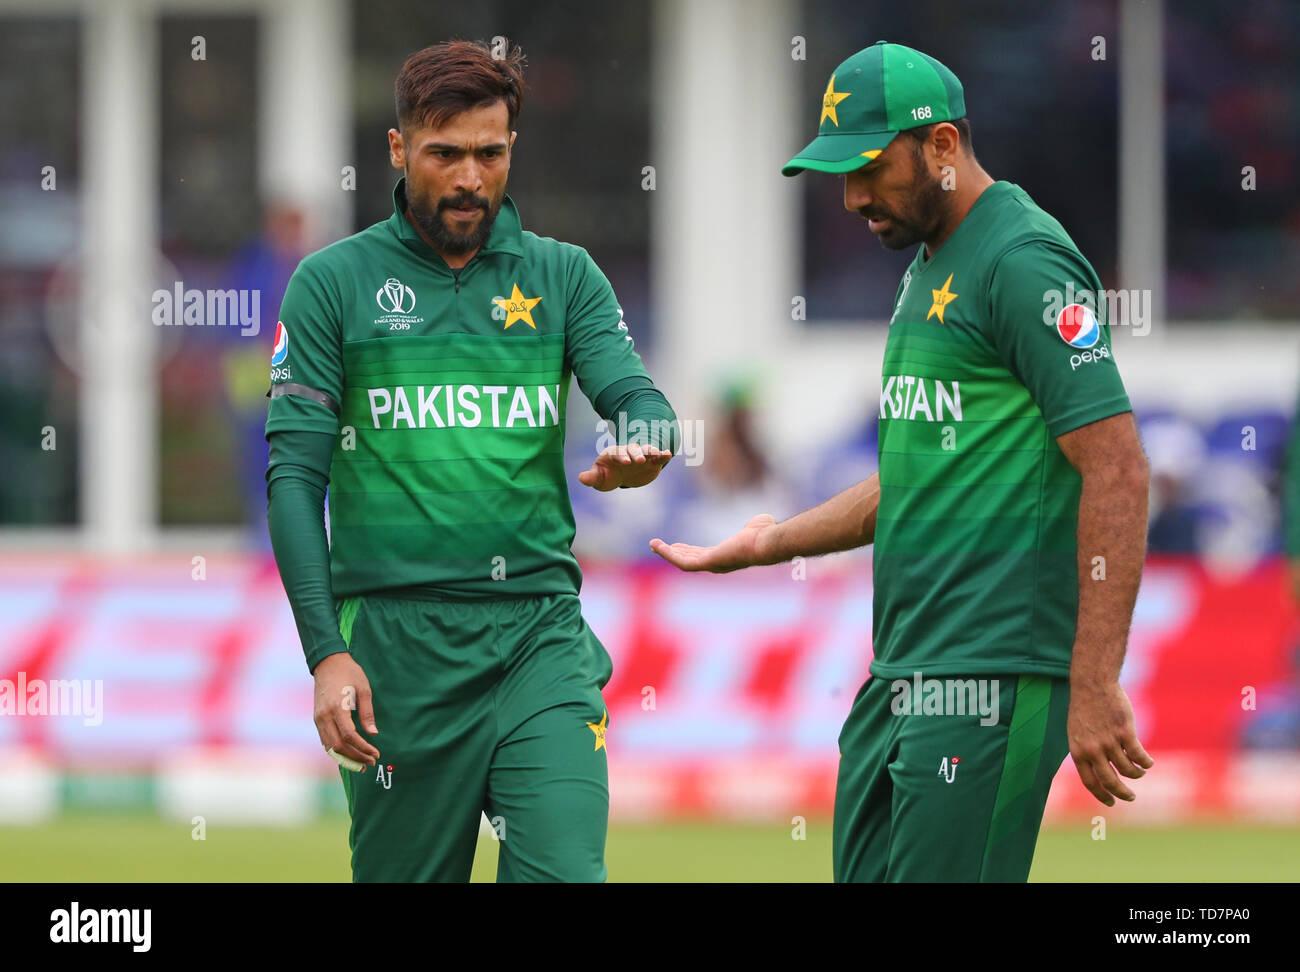 Taunton, UK  12th June, 2019  Mohammad Amir of Pakistan